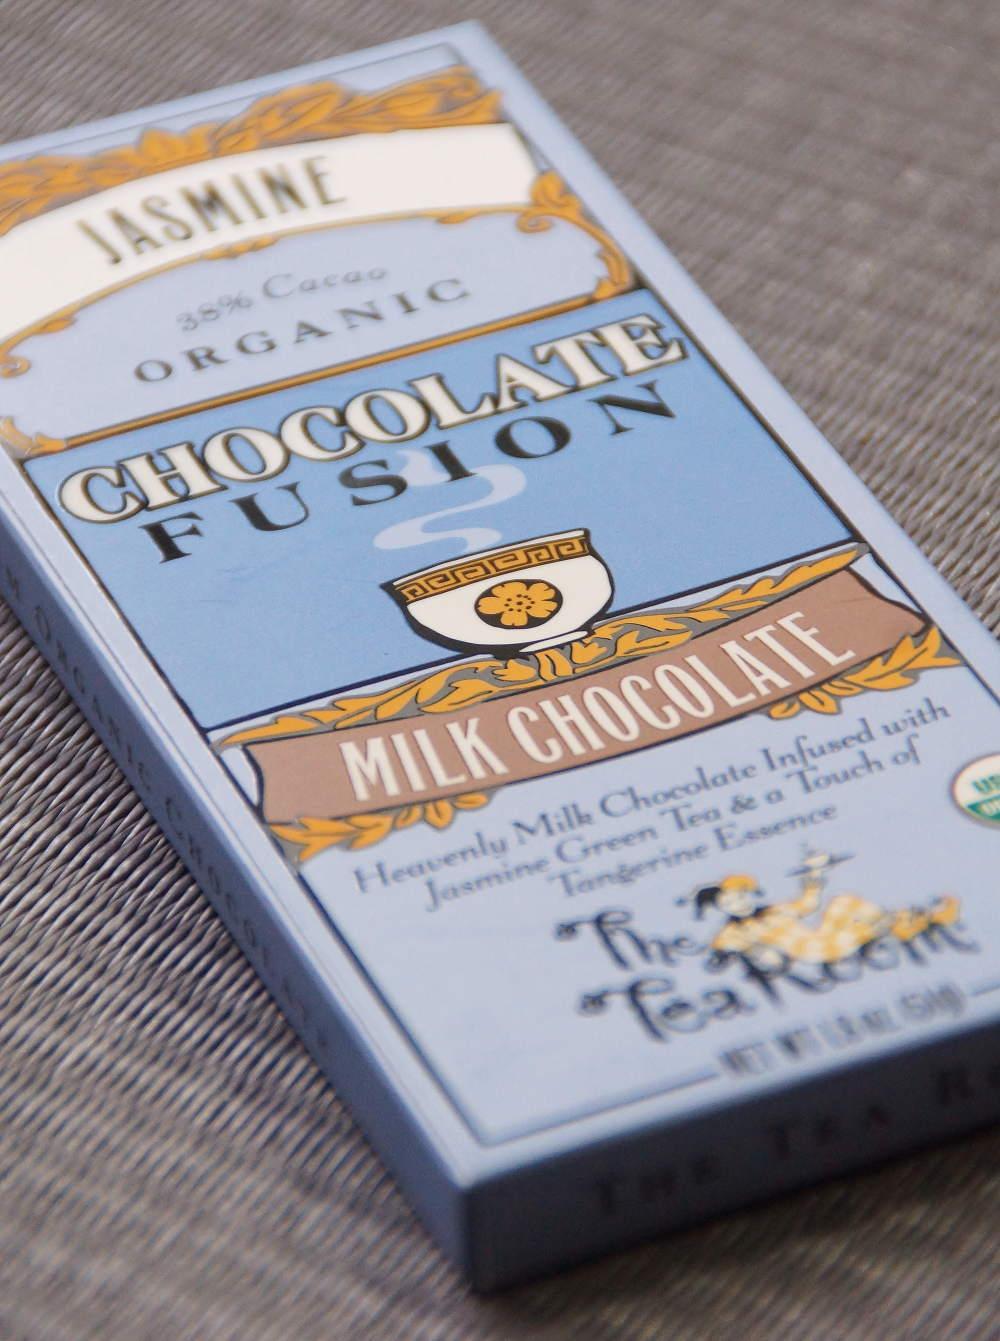 ティールーム・オーガニックチョコレート ジャスミン